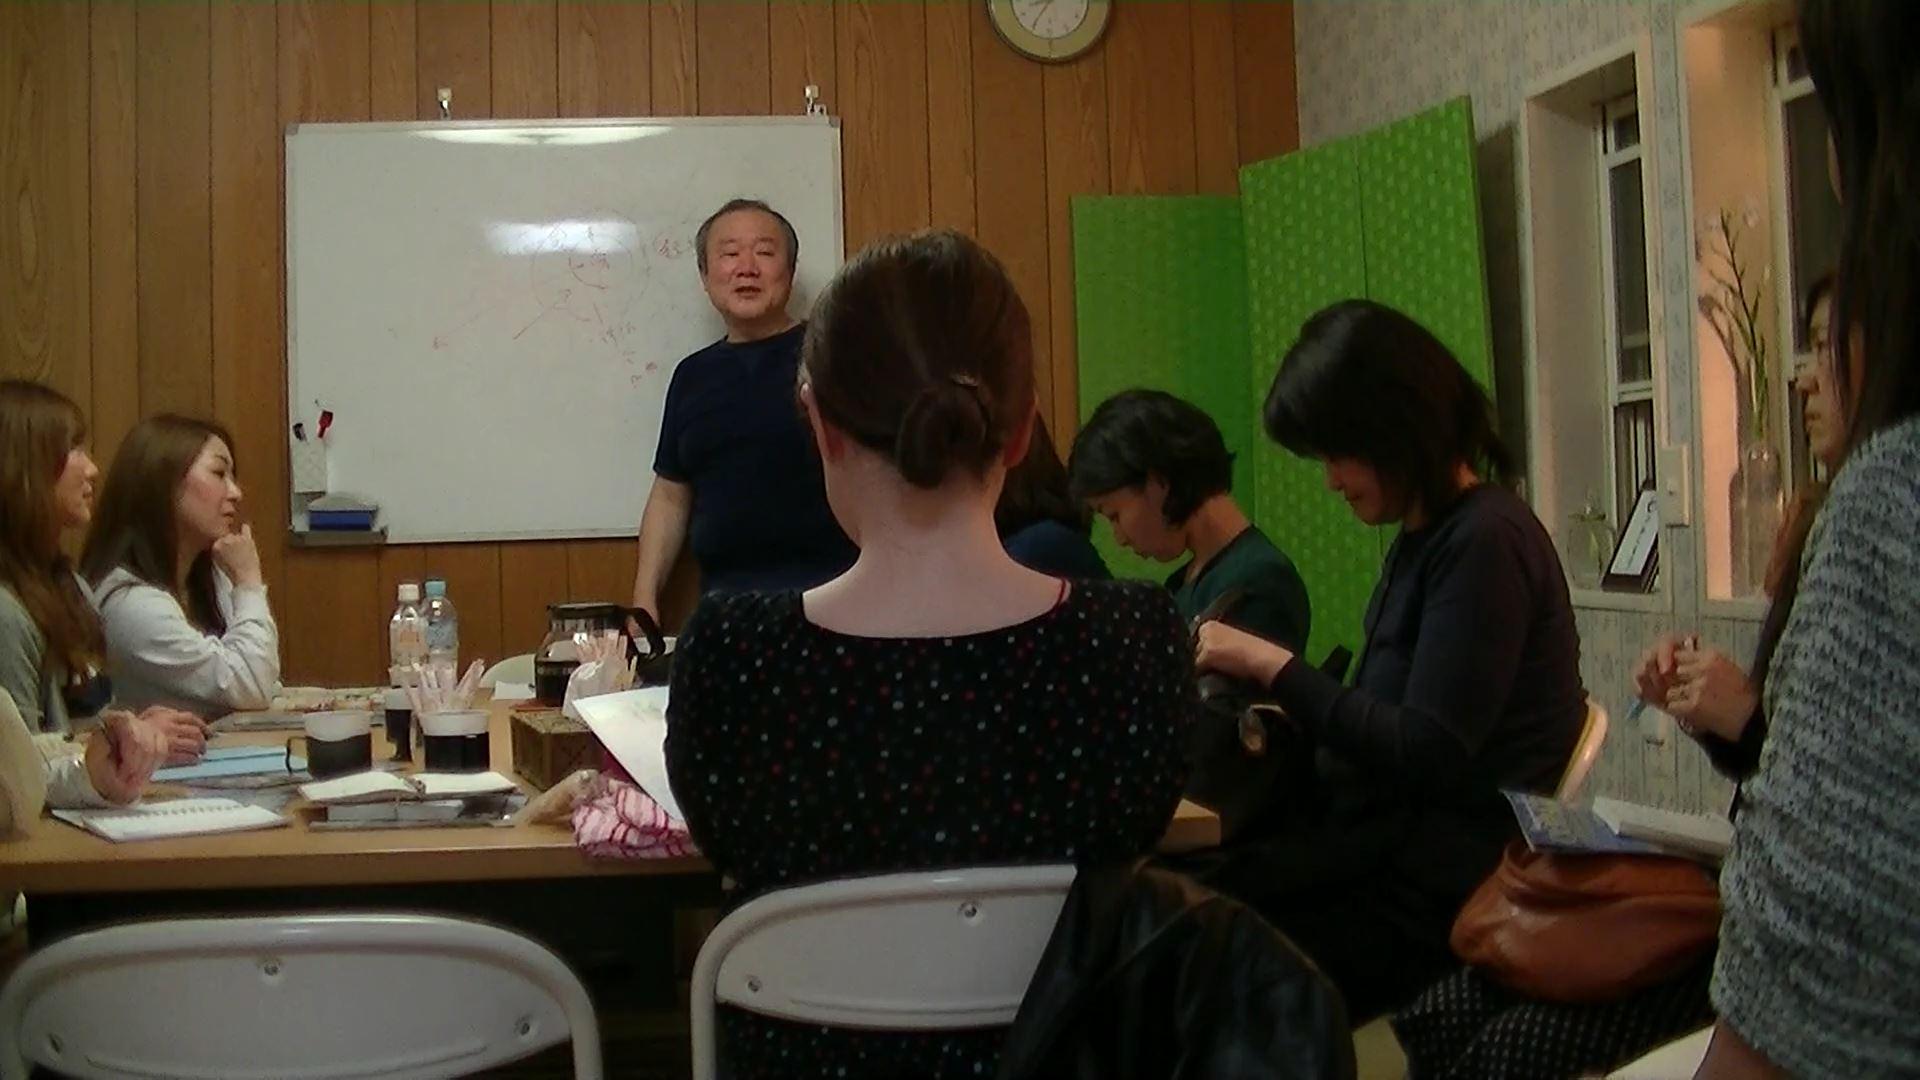 00479.MTS 000070637 - 2019年7月16日愛の子育て塾第15期第2講座開催しました。